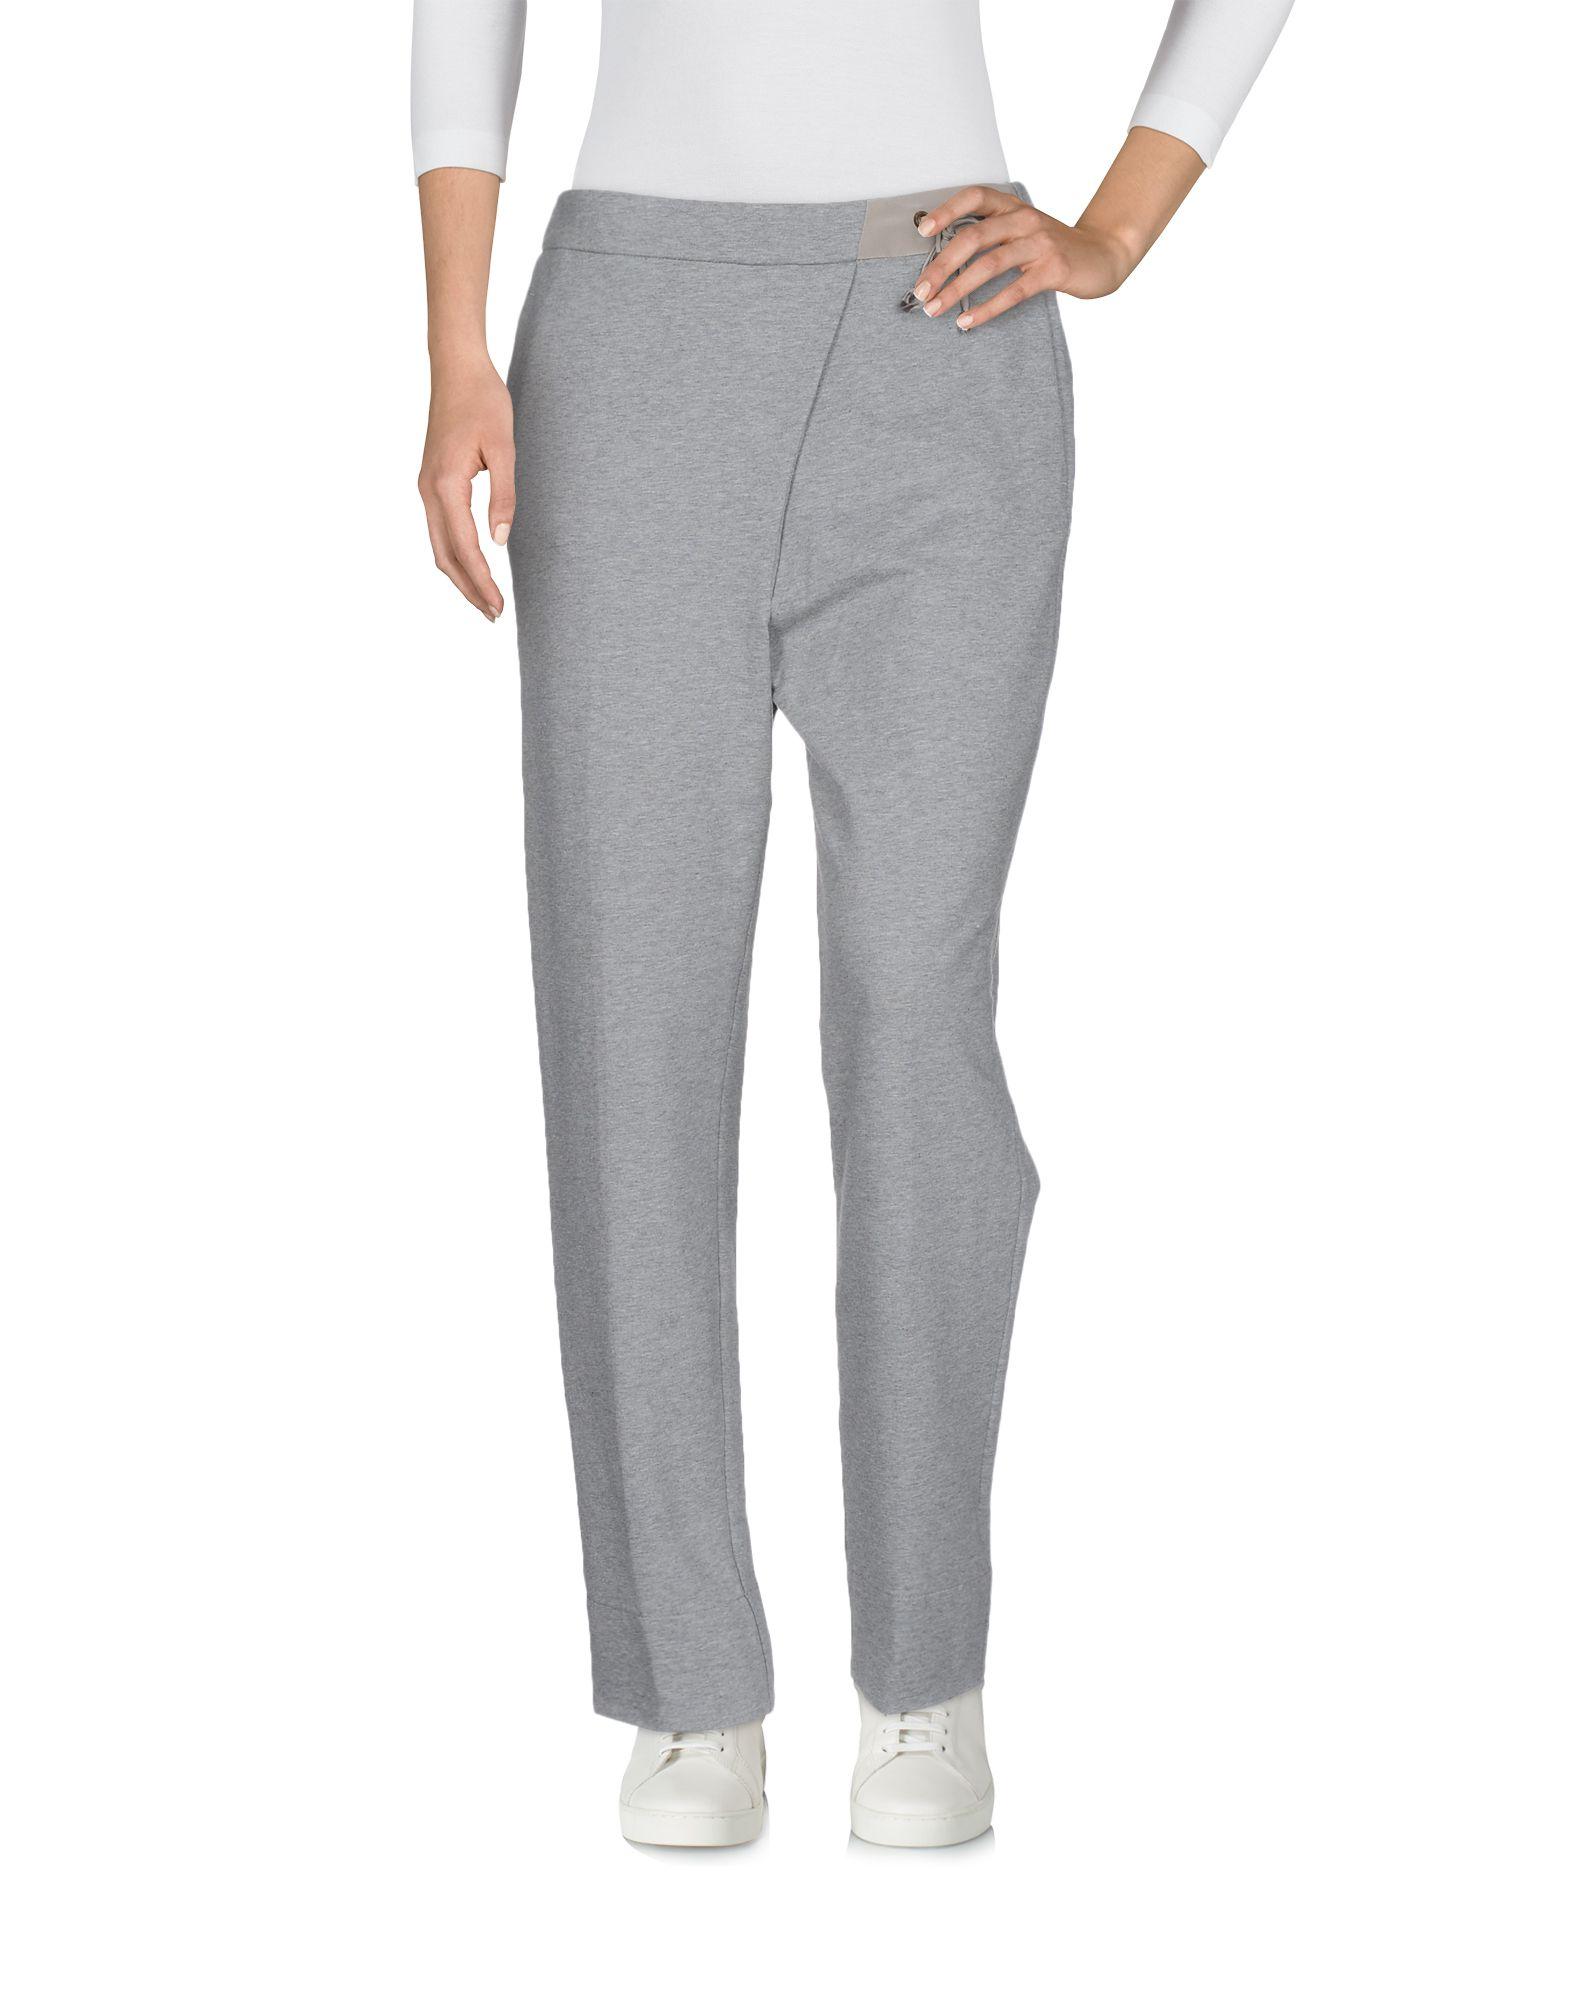 Pantalone Peserico Peserico donna - 13168211WA  Wählen Sie aus den neuesten Marken wie